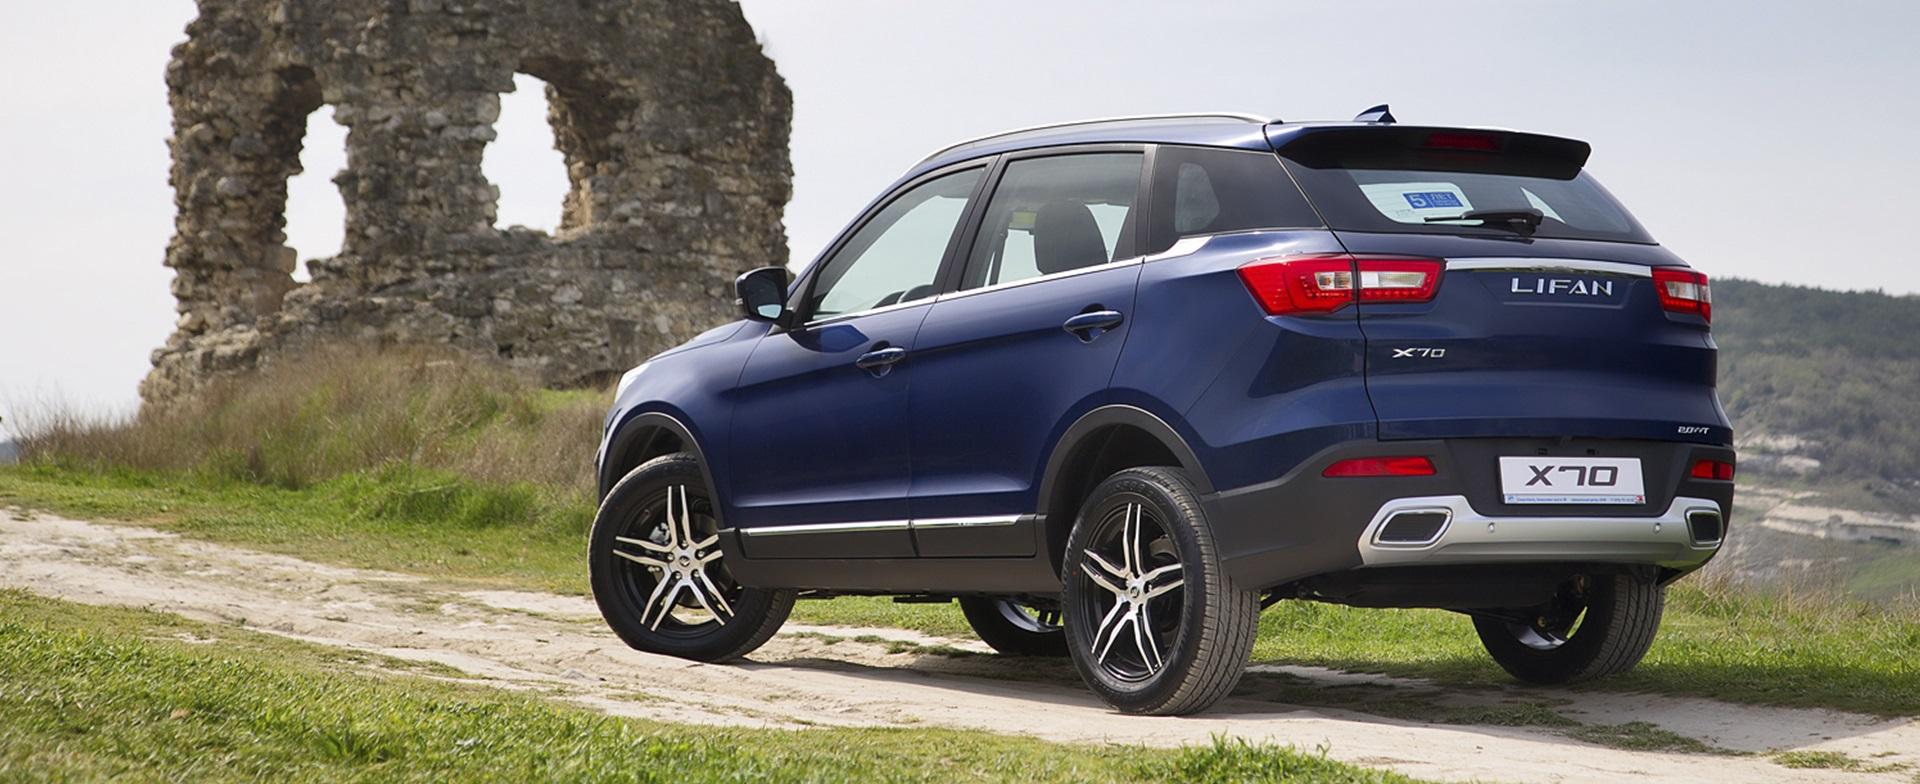 Автомобиль Lifan X70 задал темп ГУМ-Авторалли 2018